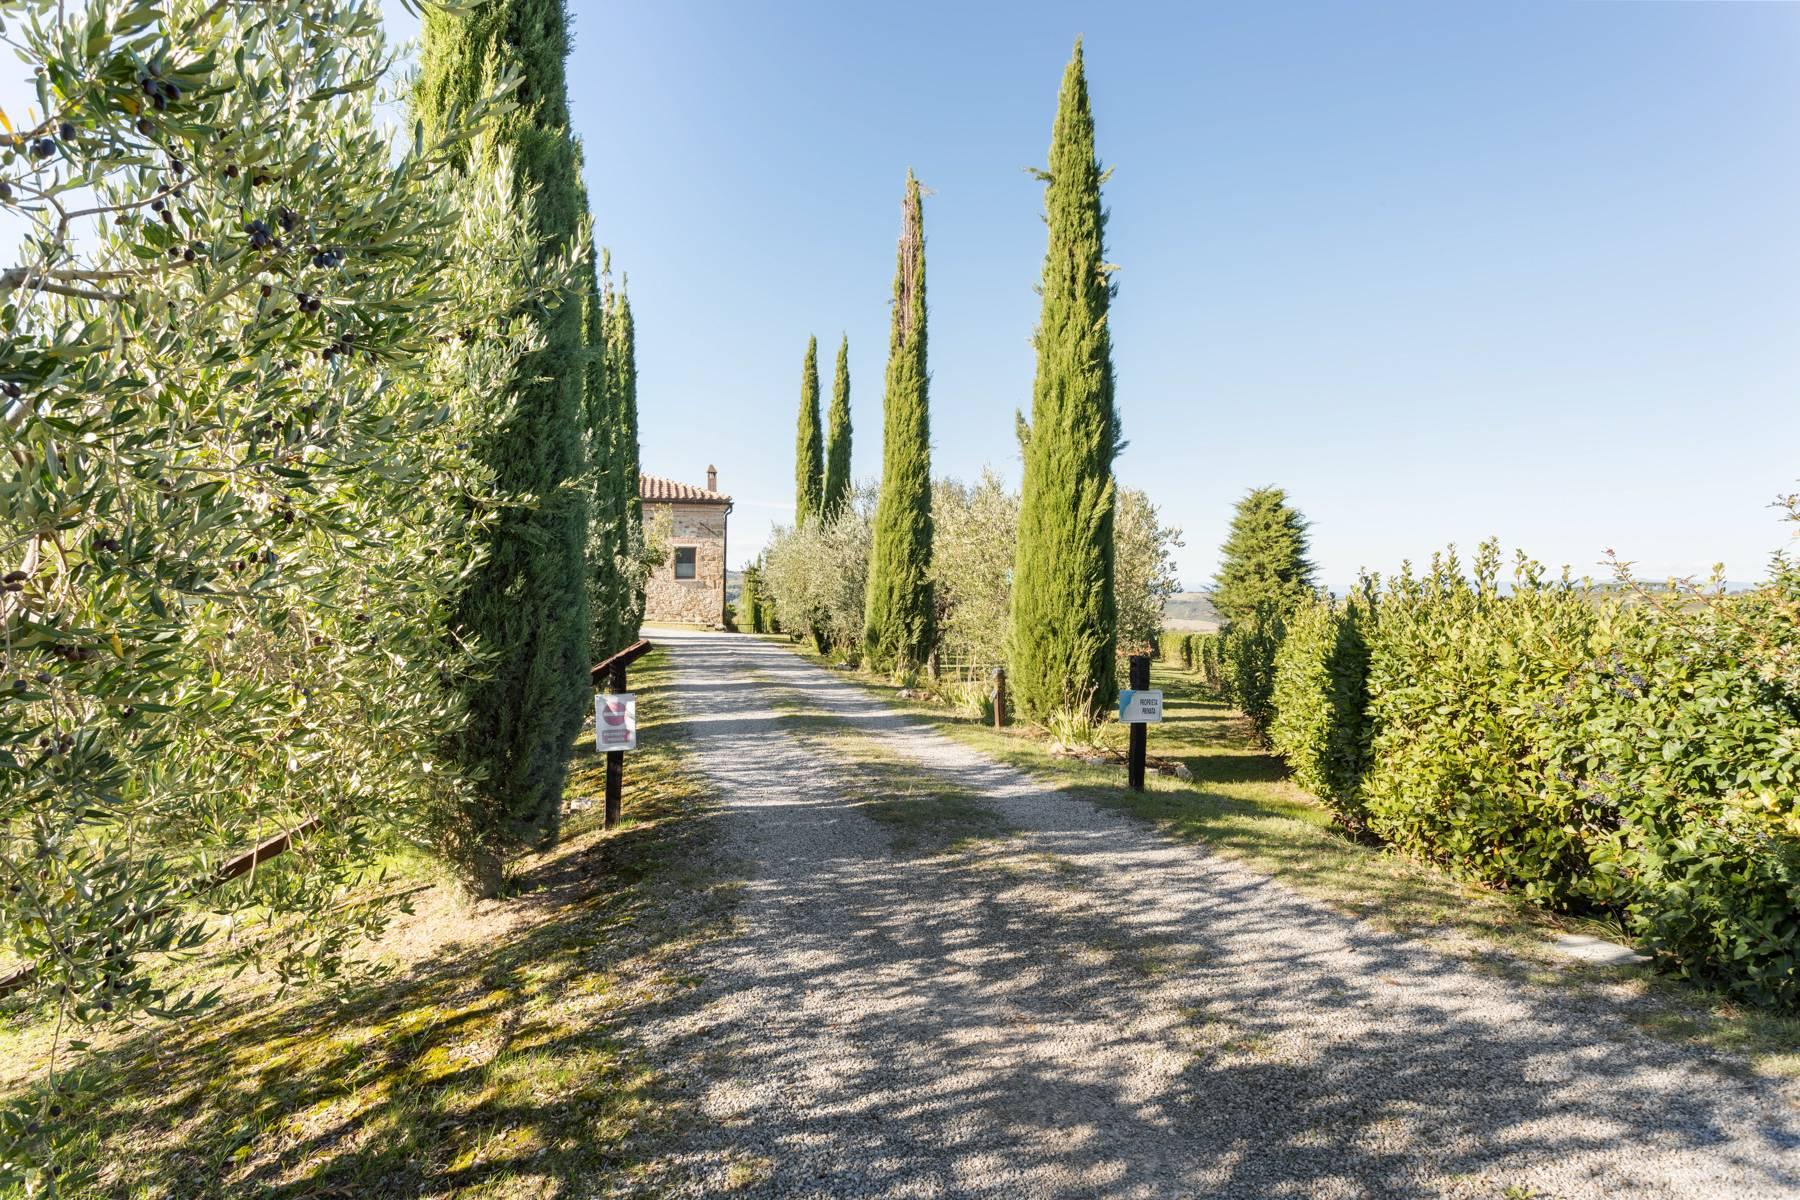 Rustico in Vendita a Montepulciano: 5 locali, 561 mq - Foto 7